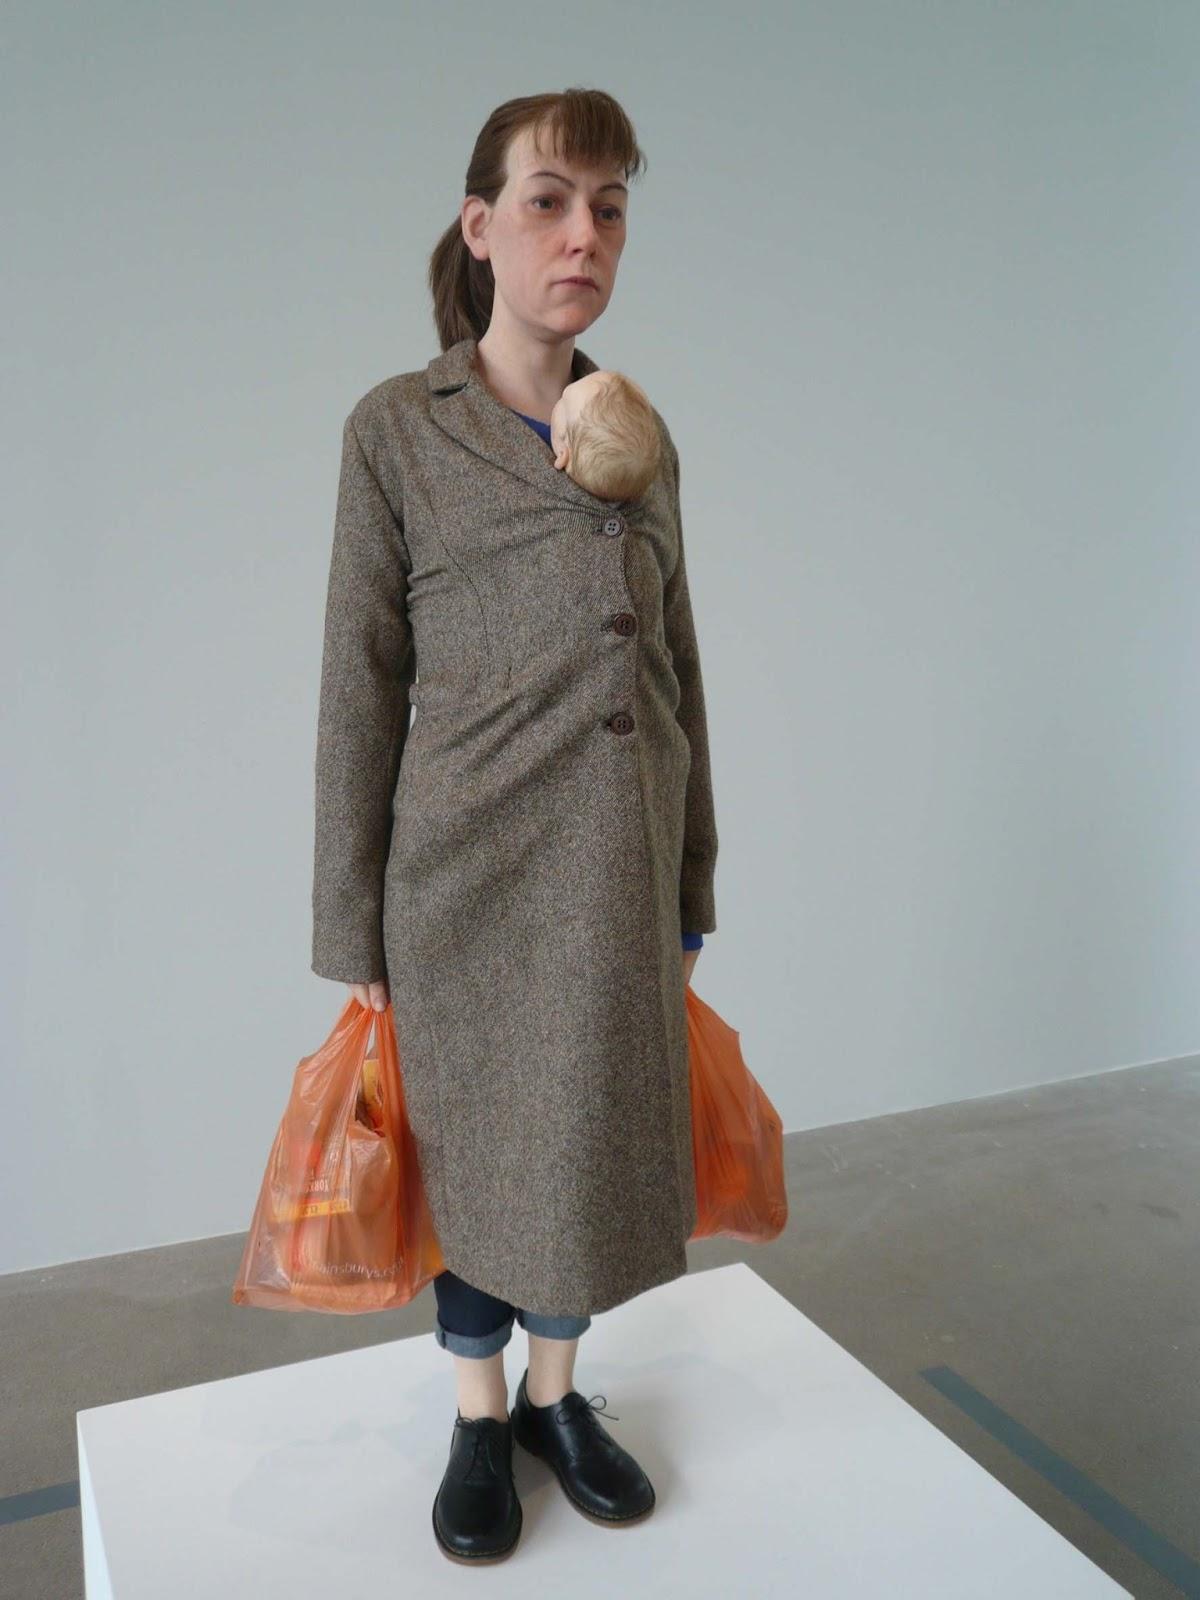 """""""Woman with Shopping"""", en español """"Mujer con las compras"""" (2013). El bebé extrañamente transportado observa a su mamá cuya mirada parece abstraída en sus propias preocupaciones."""